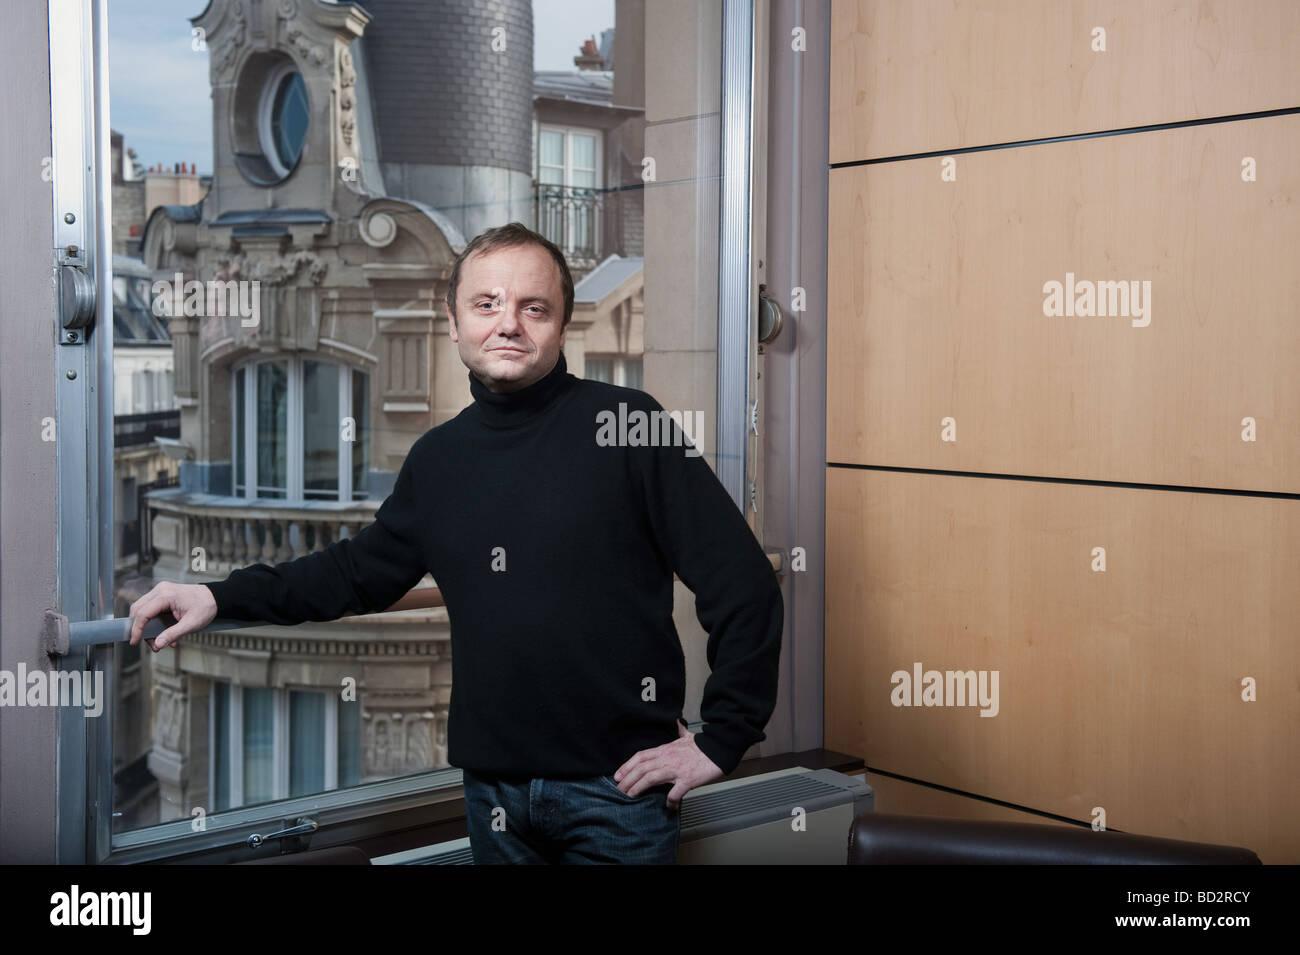 Uomo di 50 anni in corrispondenza della finestra, Parigi Immagini Stock